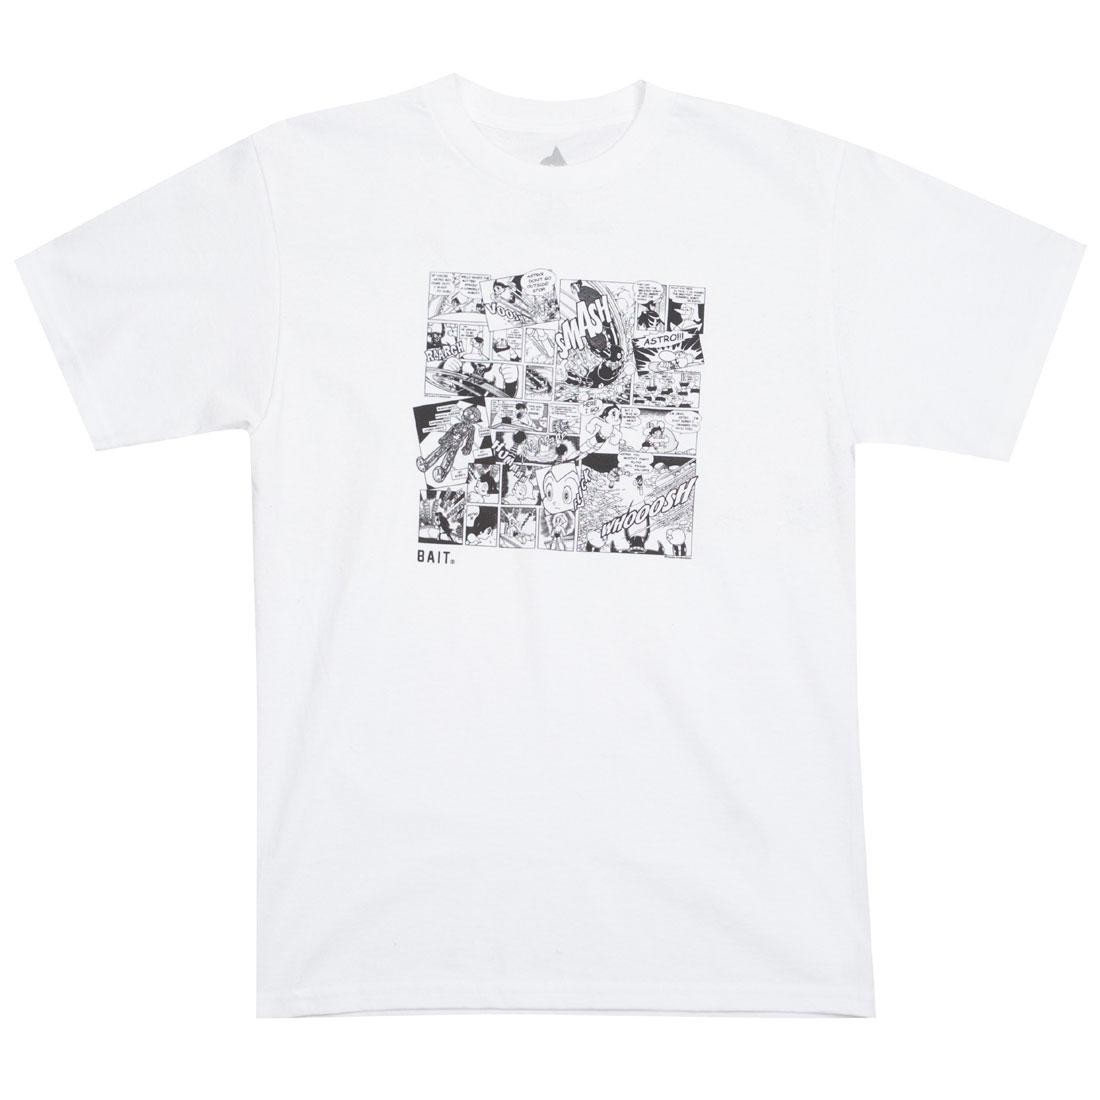 BAIT x Astro Boy Men Manga Tee (white)